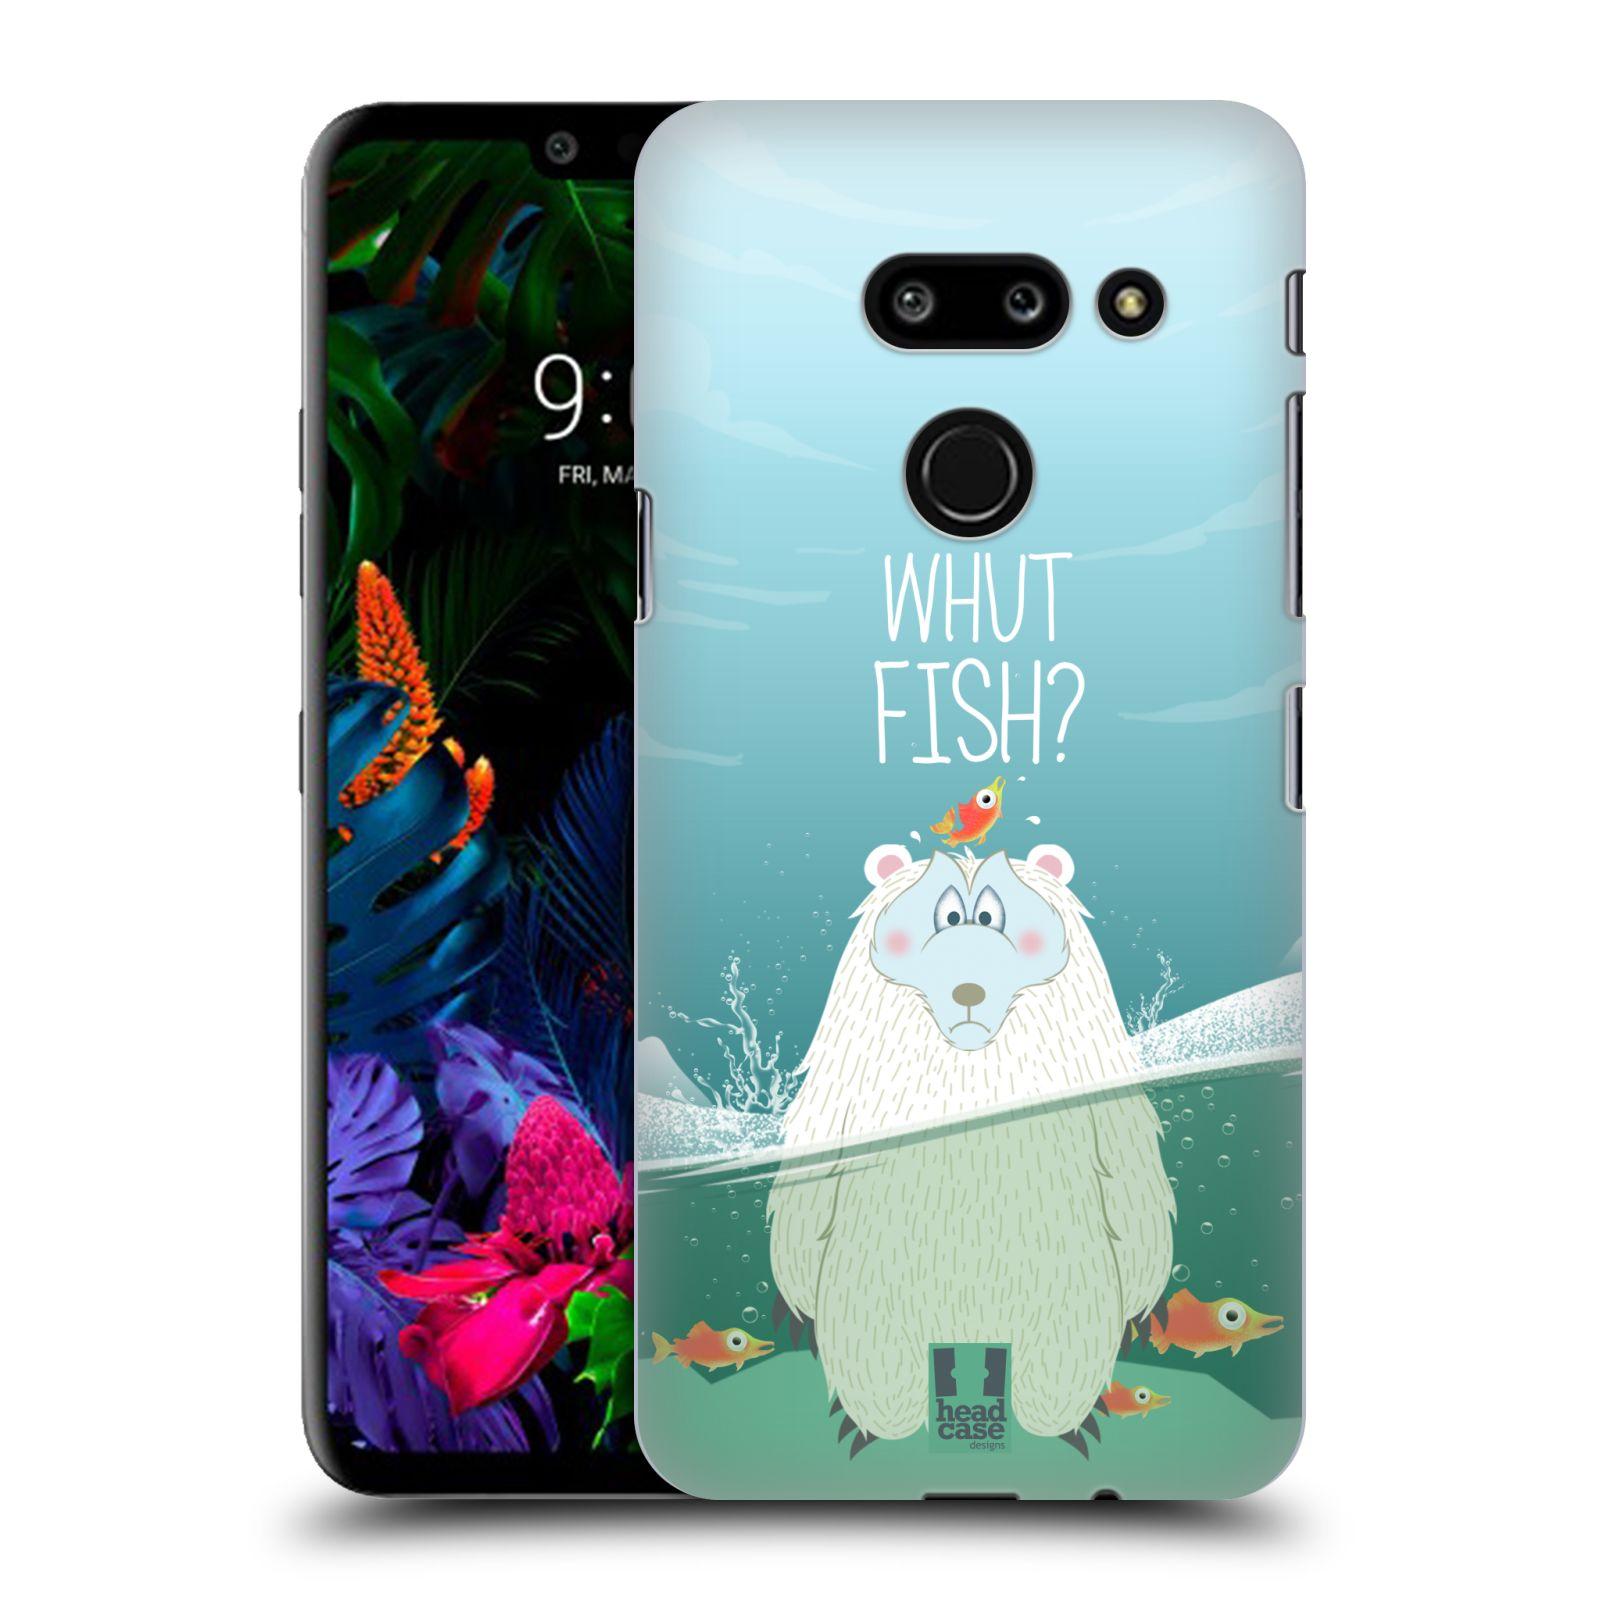 Plastové pouzdro na mobil LG G8 ThinQ - Head Case - Medvěd Whut Fish?